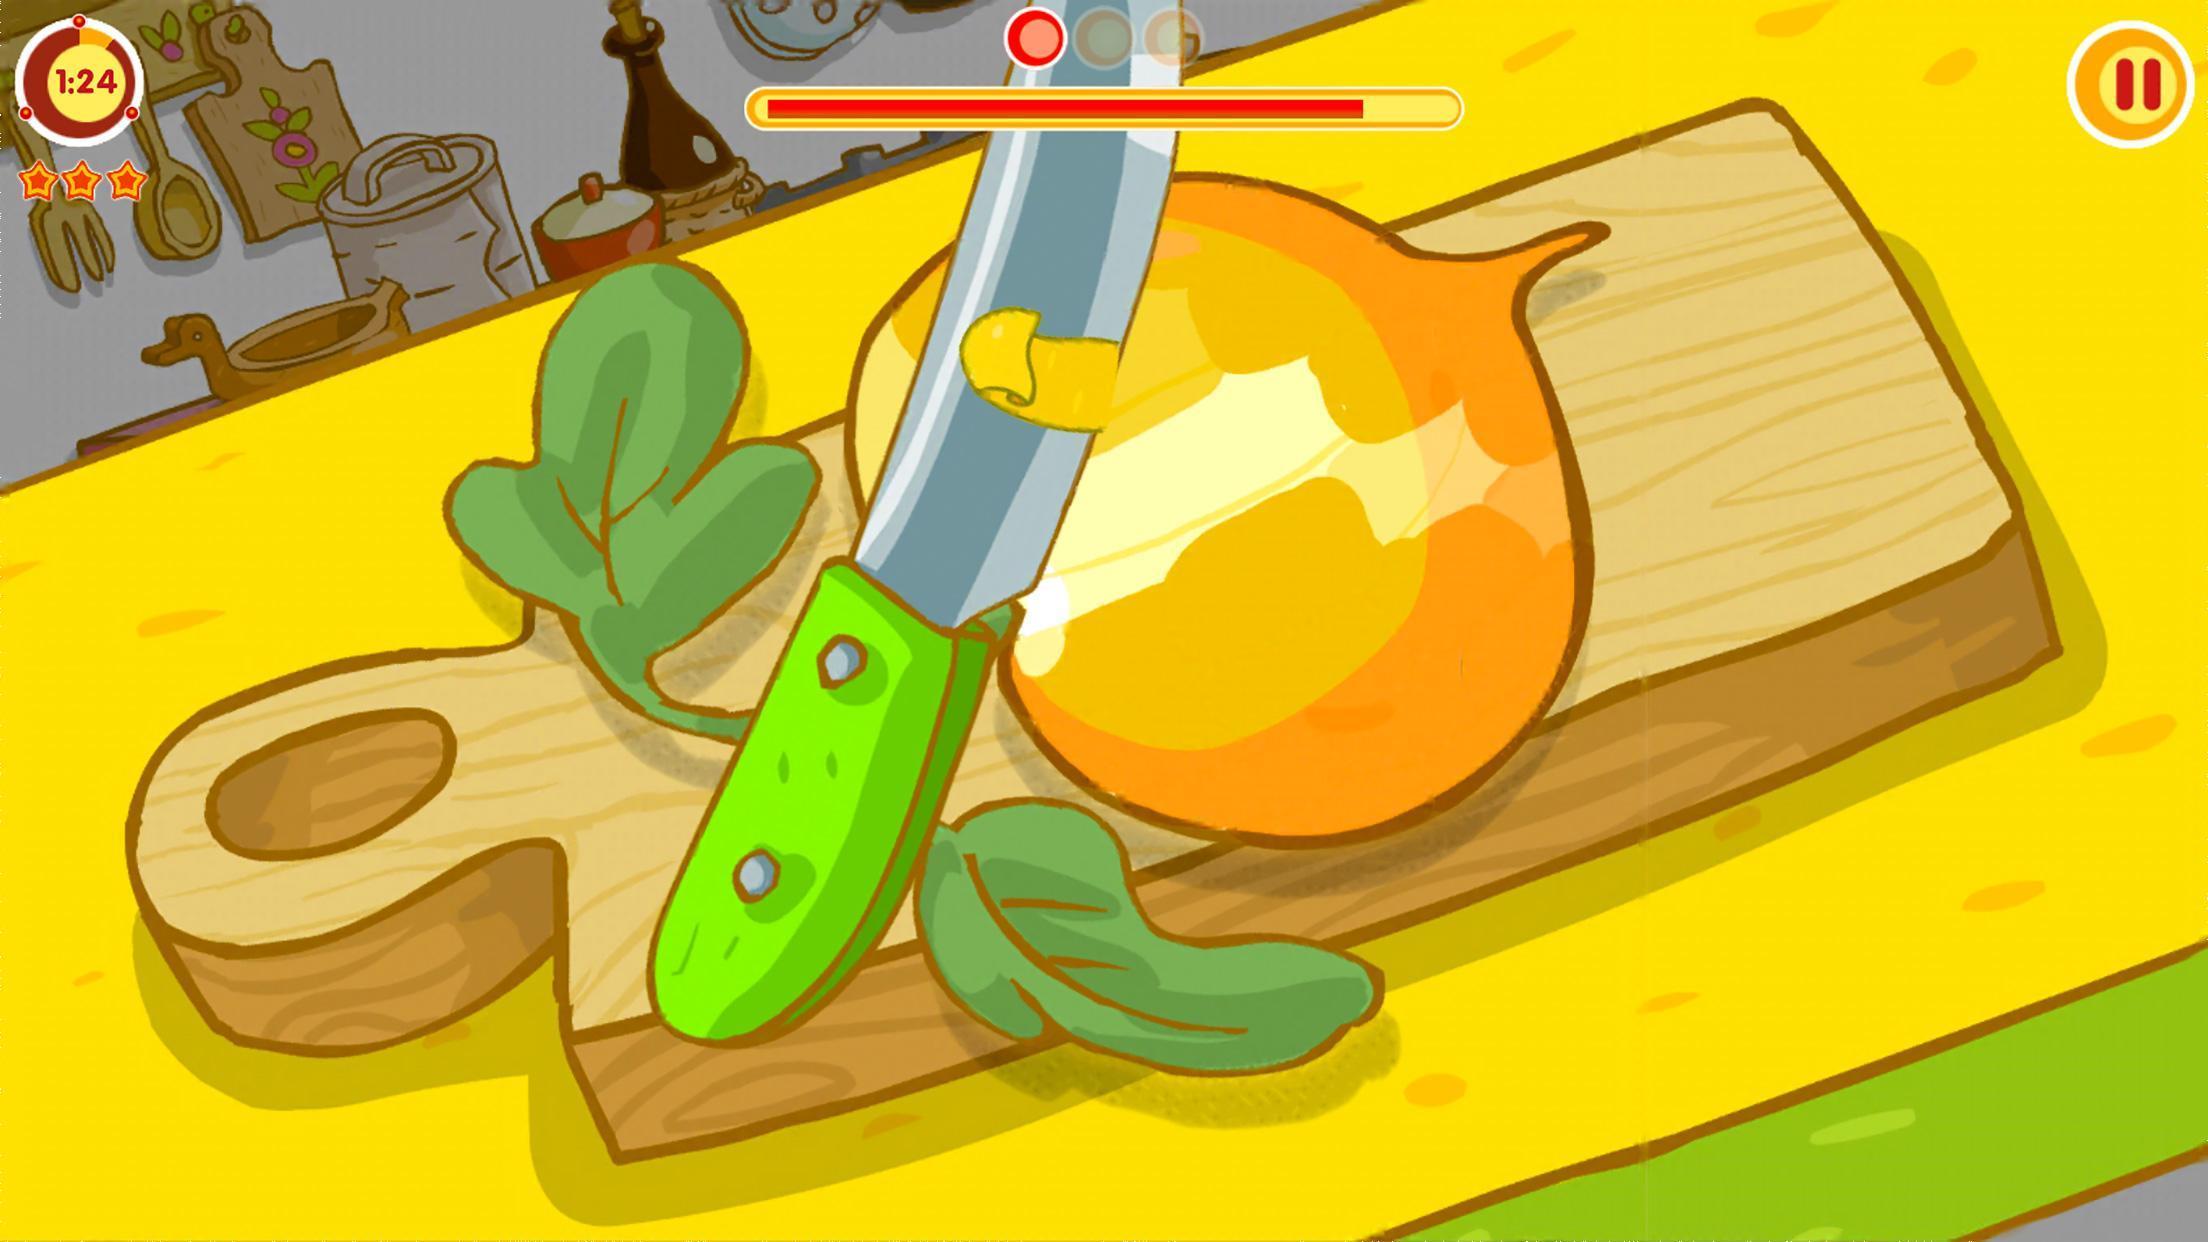 Смешарики. Кулинария 1.2.9 Screenshot 3